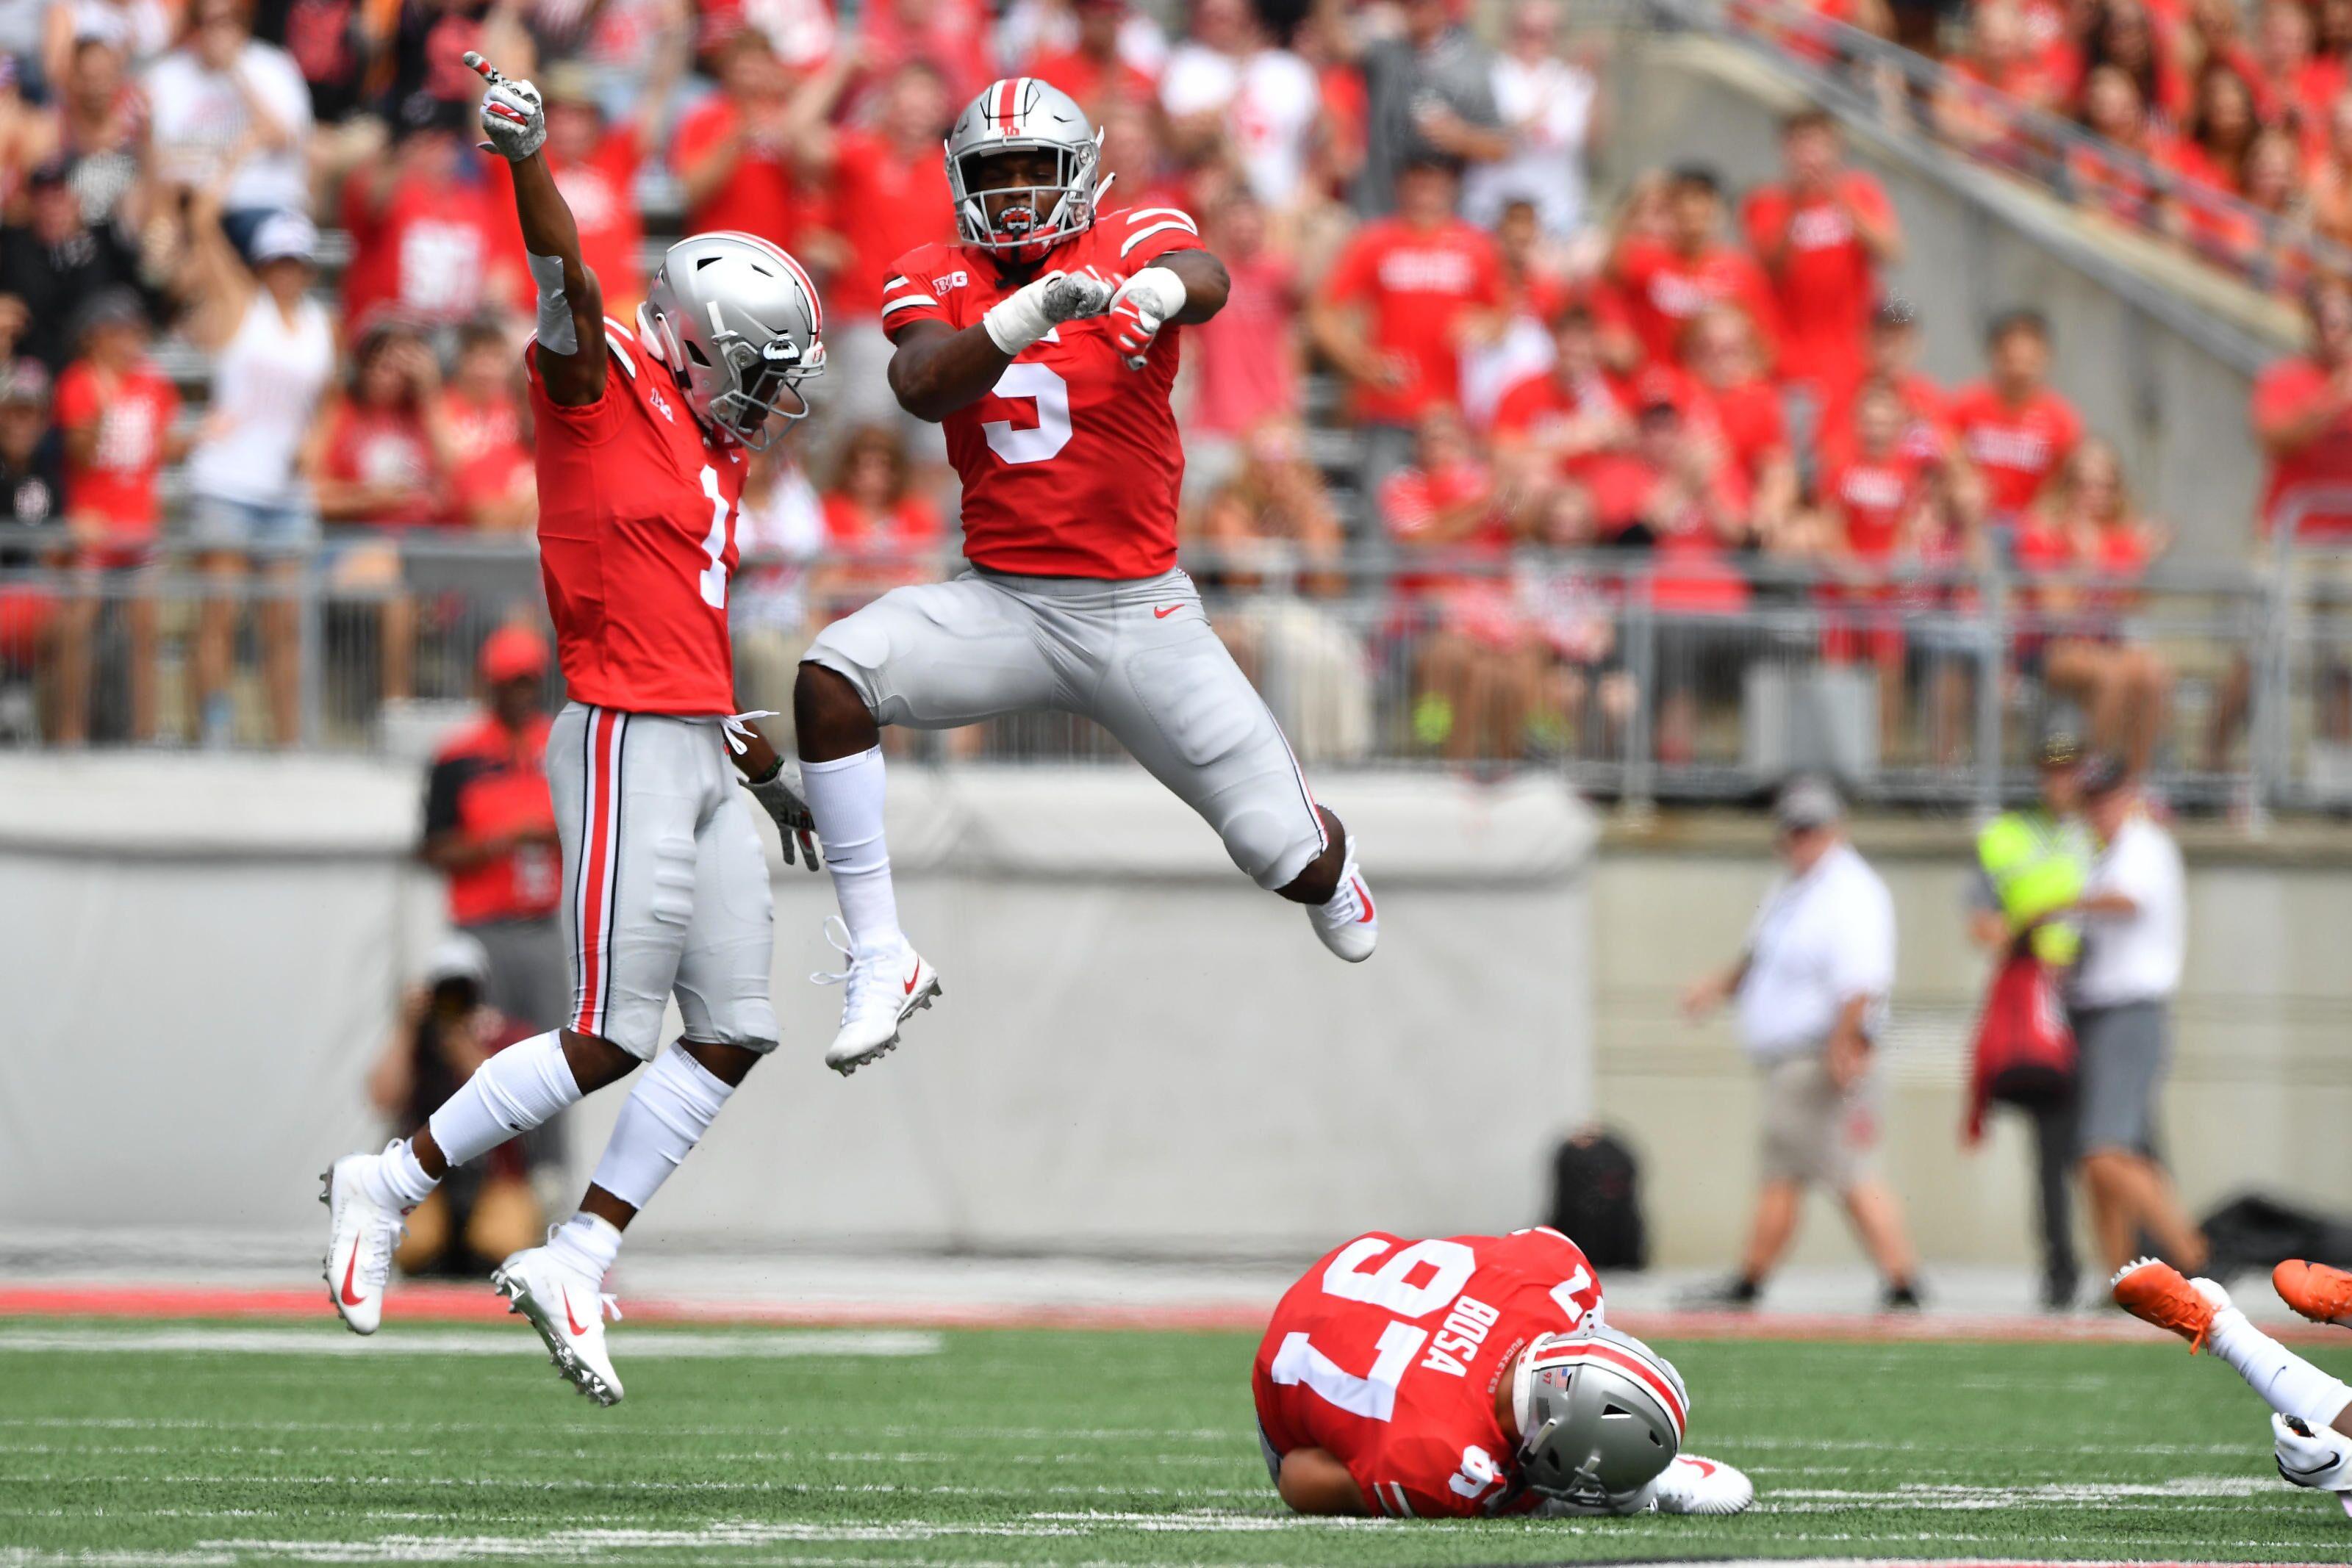 Ohio State Football: Linebackers improving under Al Washington